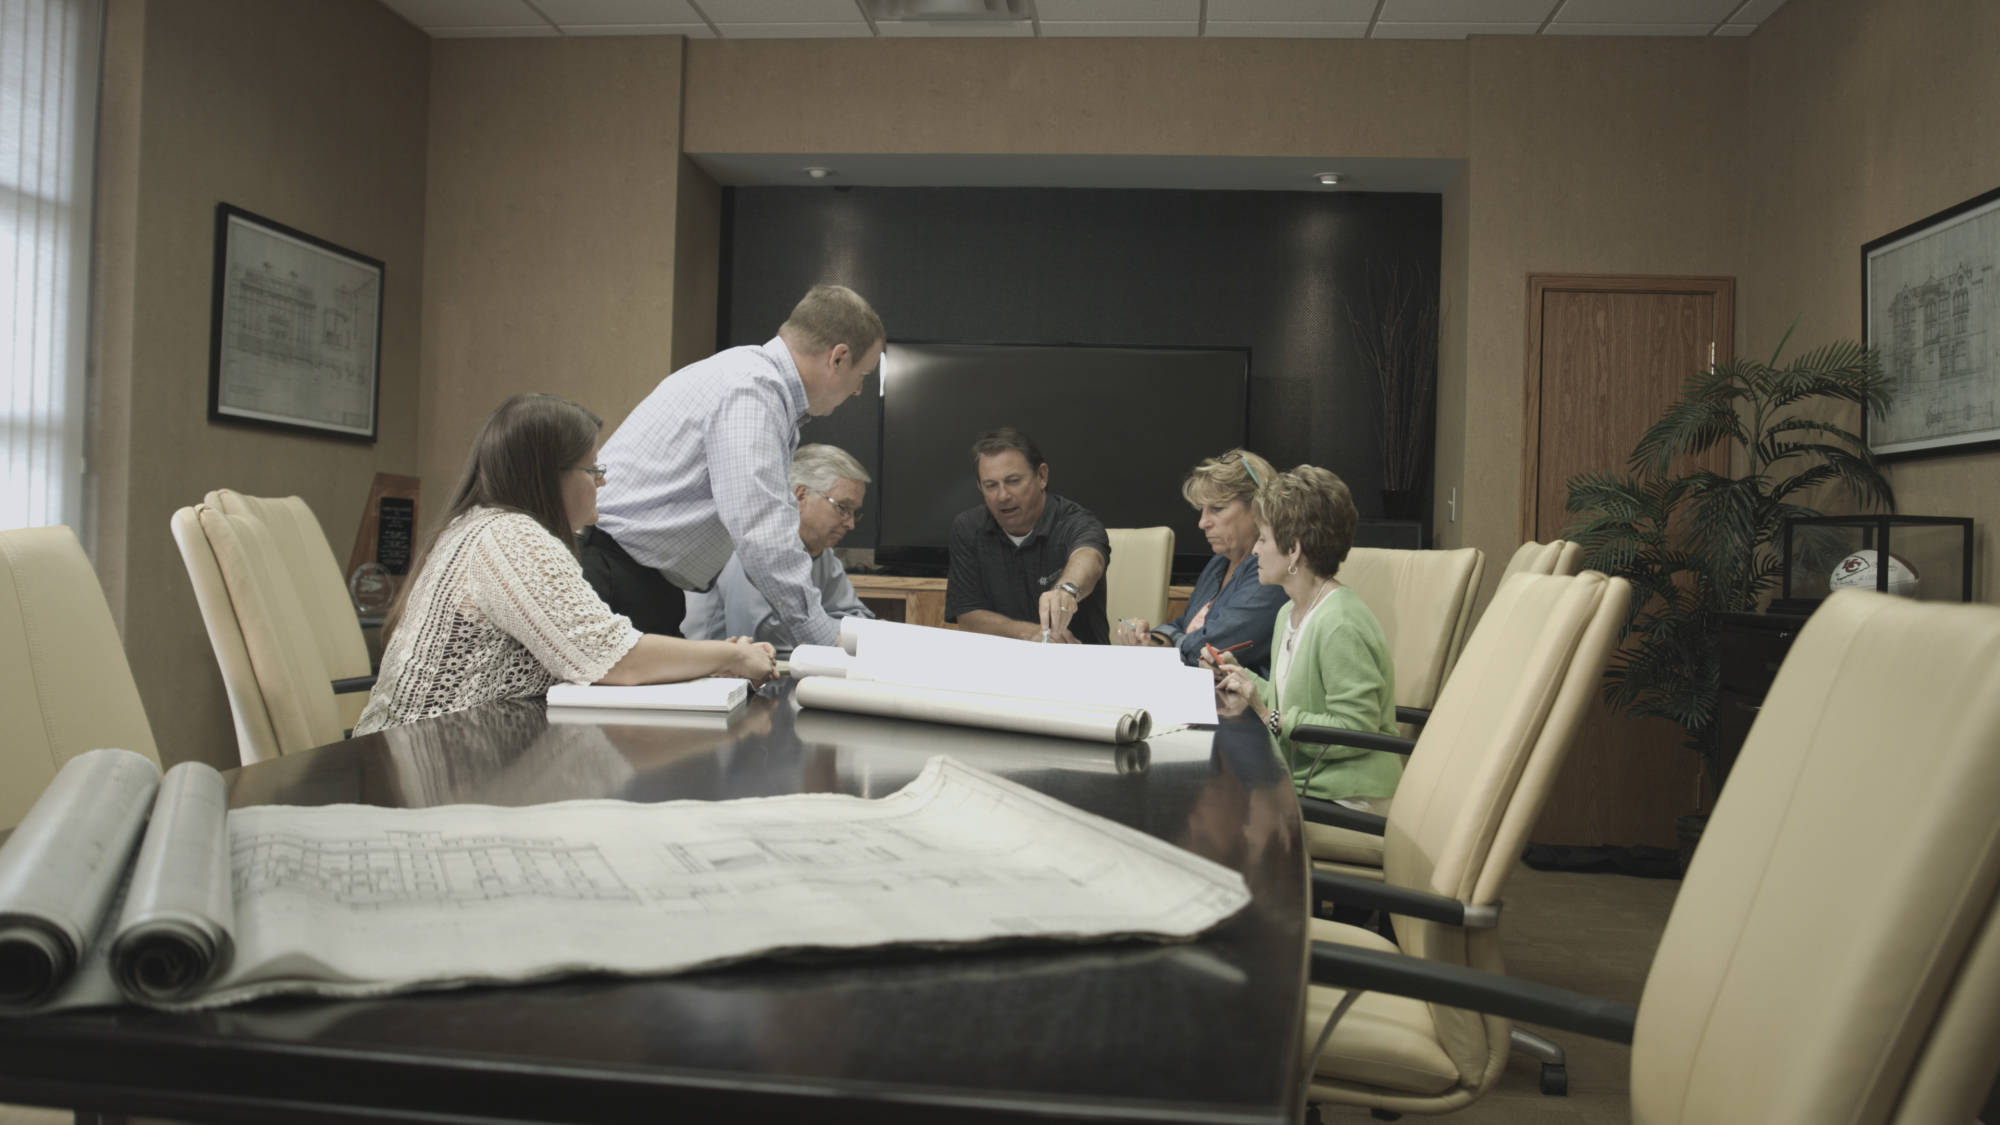 About | Ellison Architects